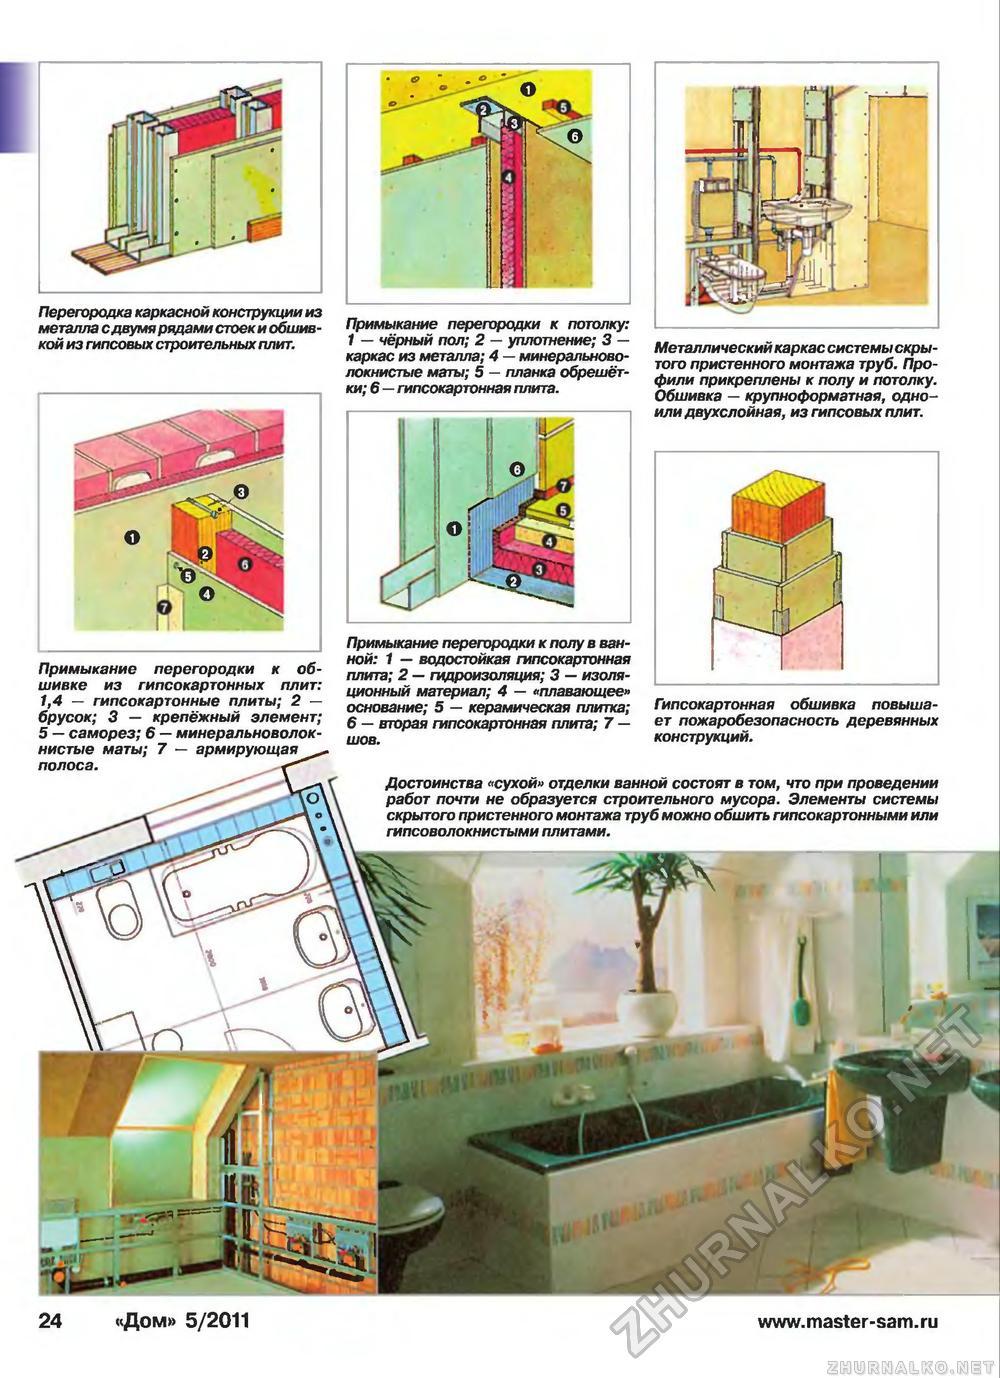 Как сделать примыкание стены к потолку